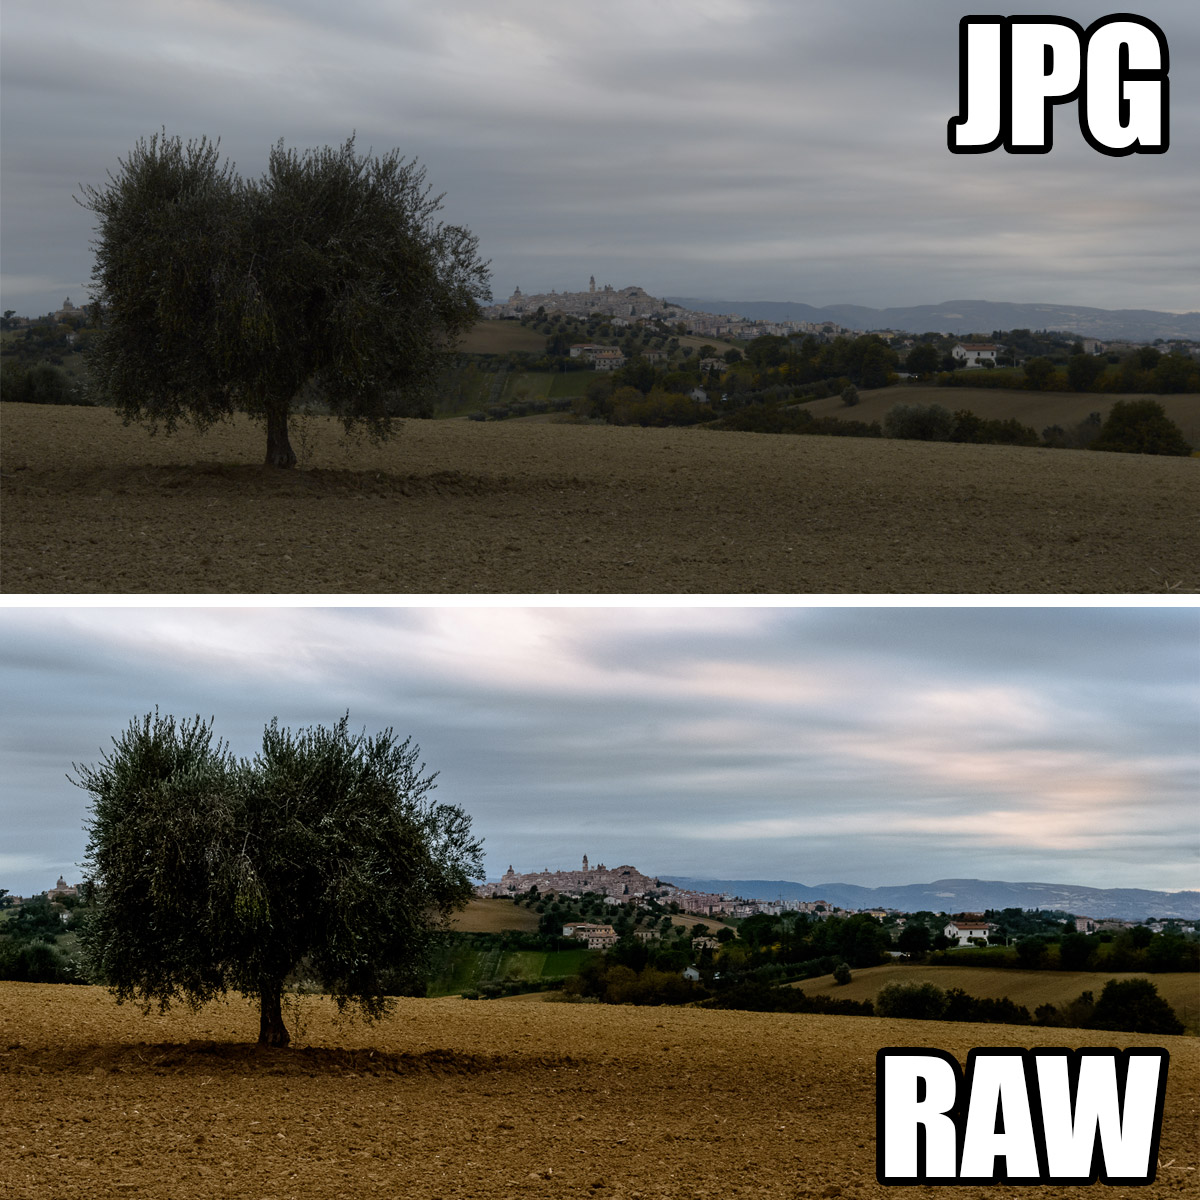 Macerata in jpg e in Raw